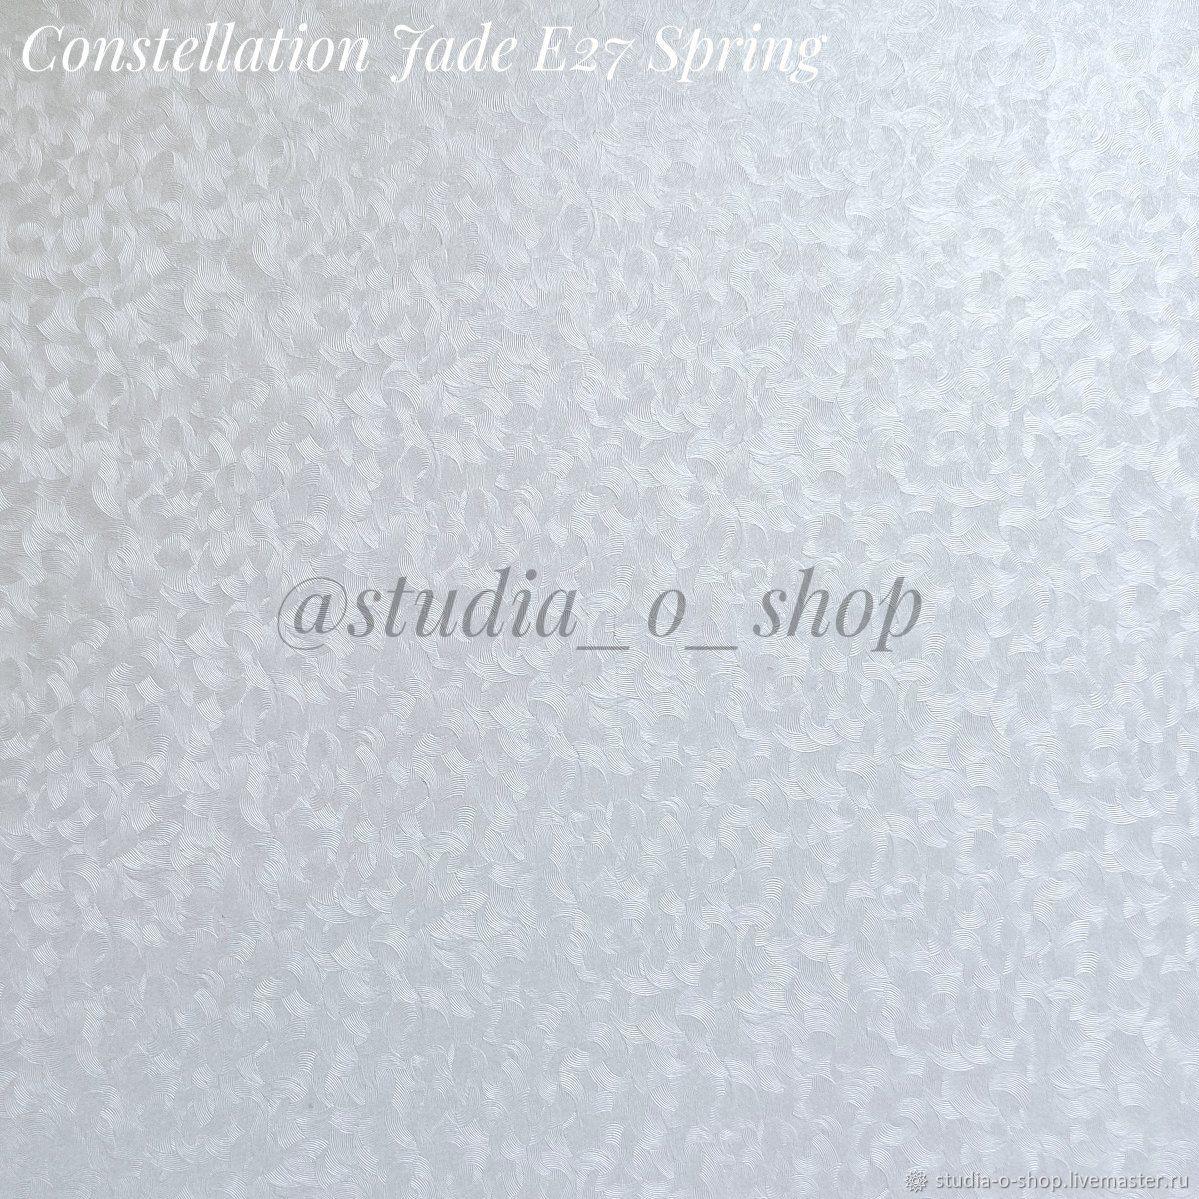 Дизайнерский картон Constellation Jade E 27 Spring 215гр/м2 30,5х30,5, Бумага, Челябинск,  Фото №1